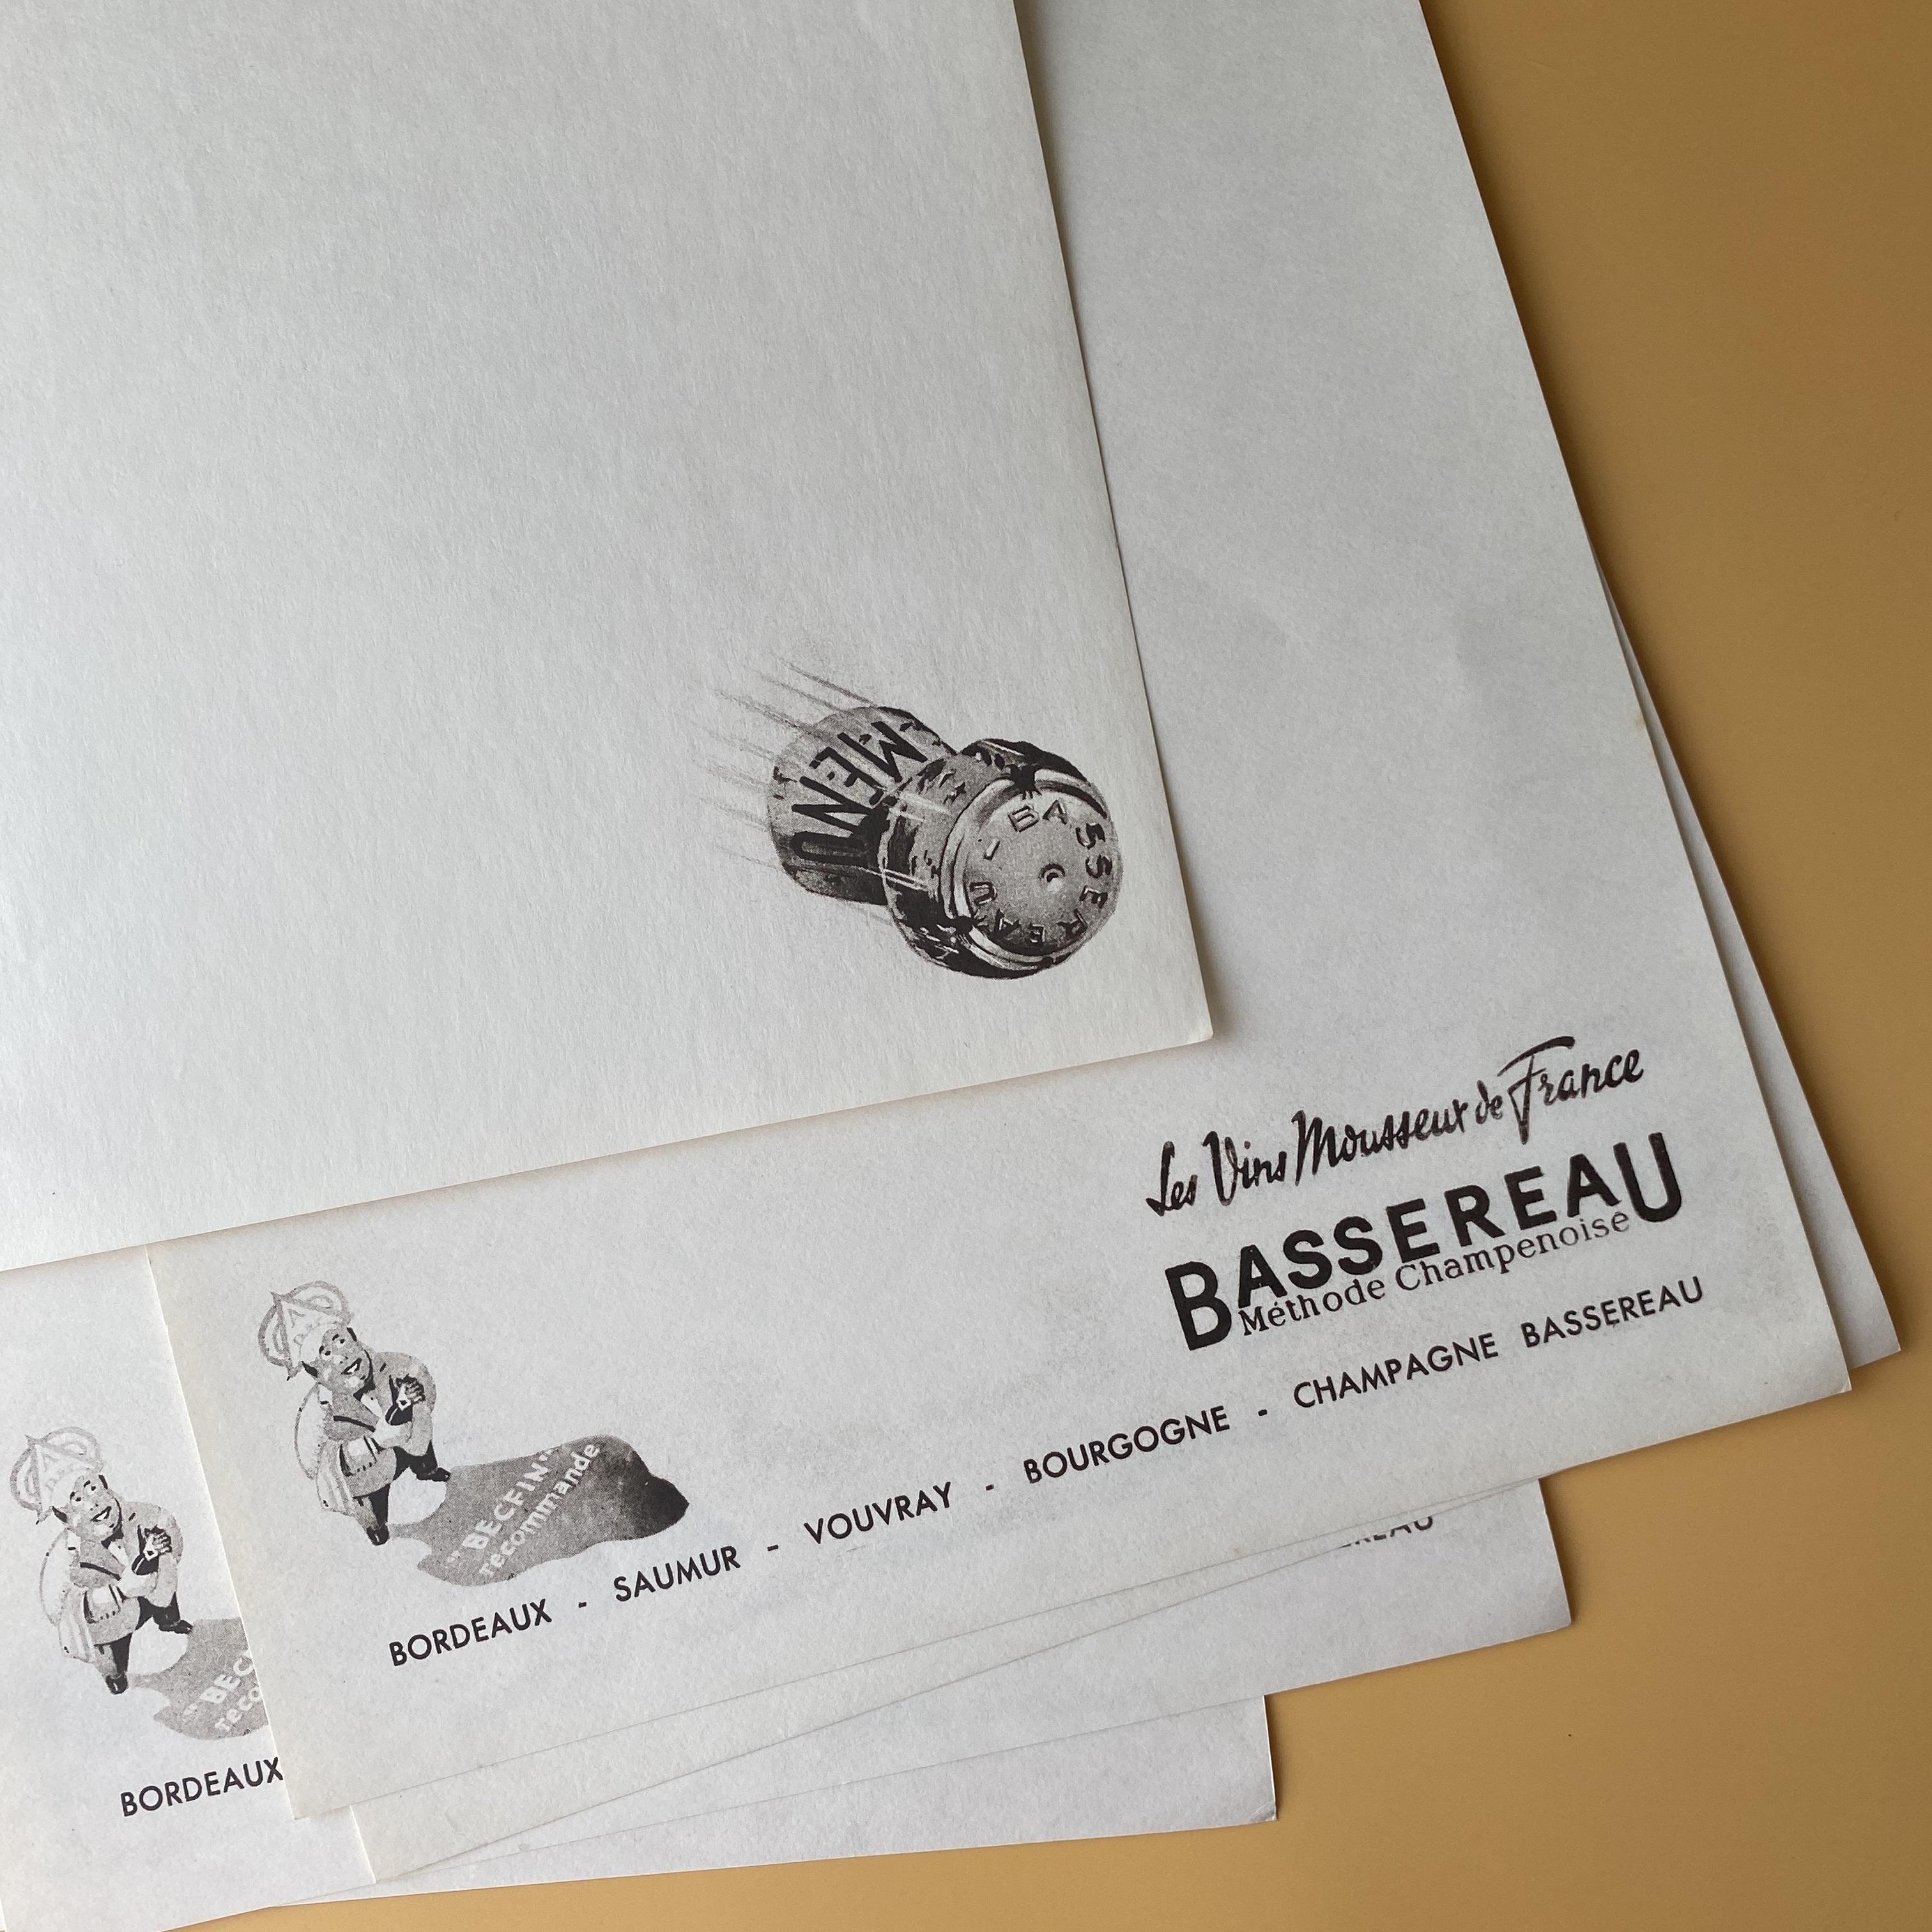 メニューシート(BASSEREAU)/ vp0067